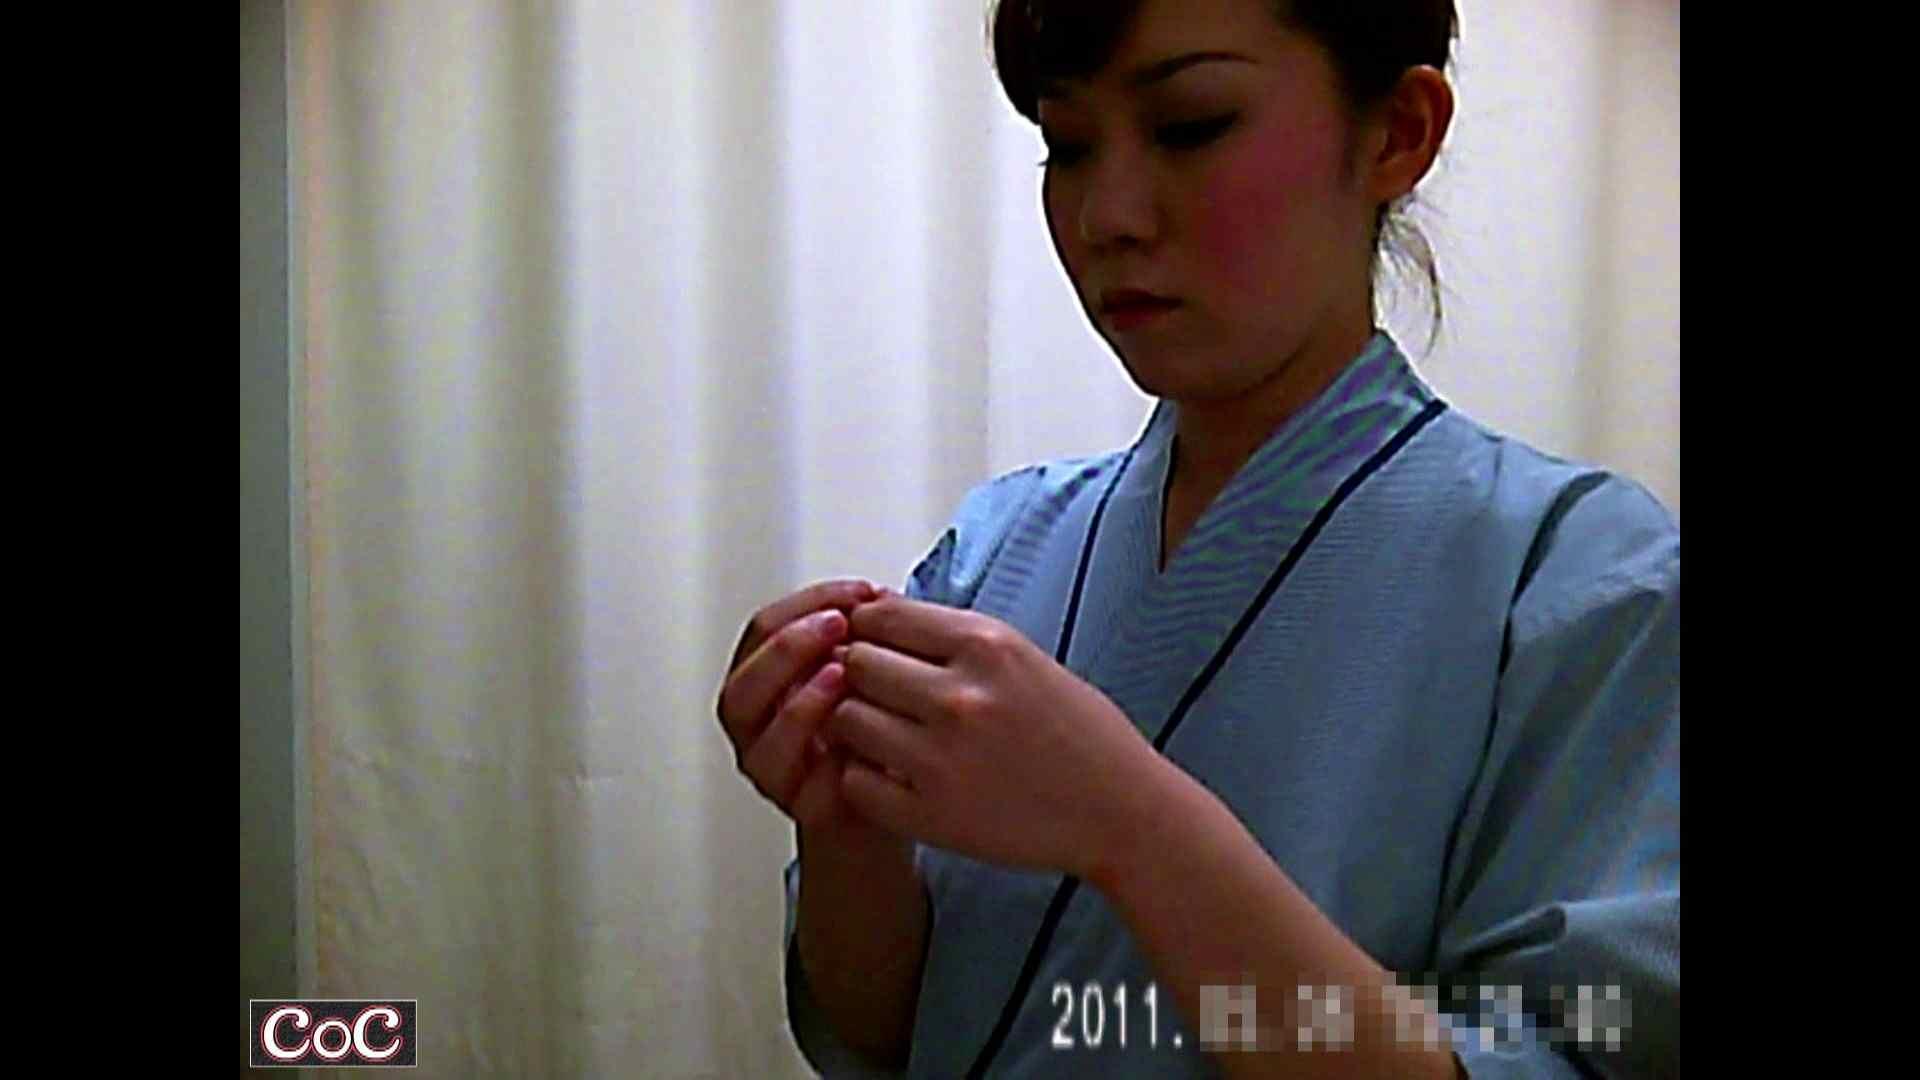 病院おもいっきり着替え! vol.123 着替え AV動画キャプチャ 83連発 47